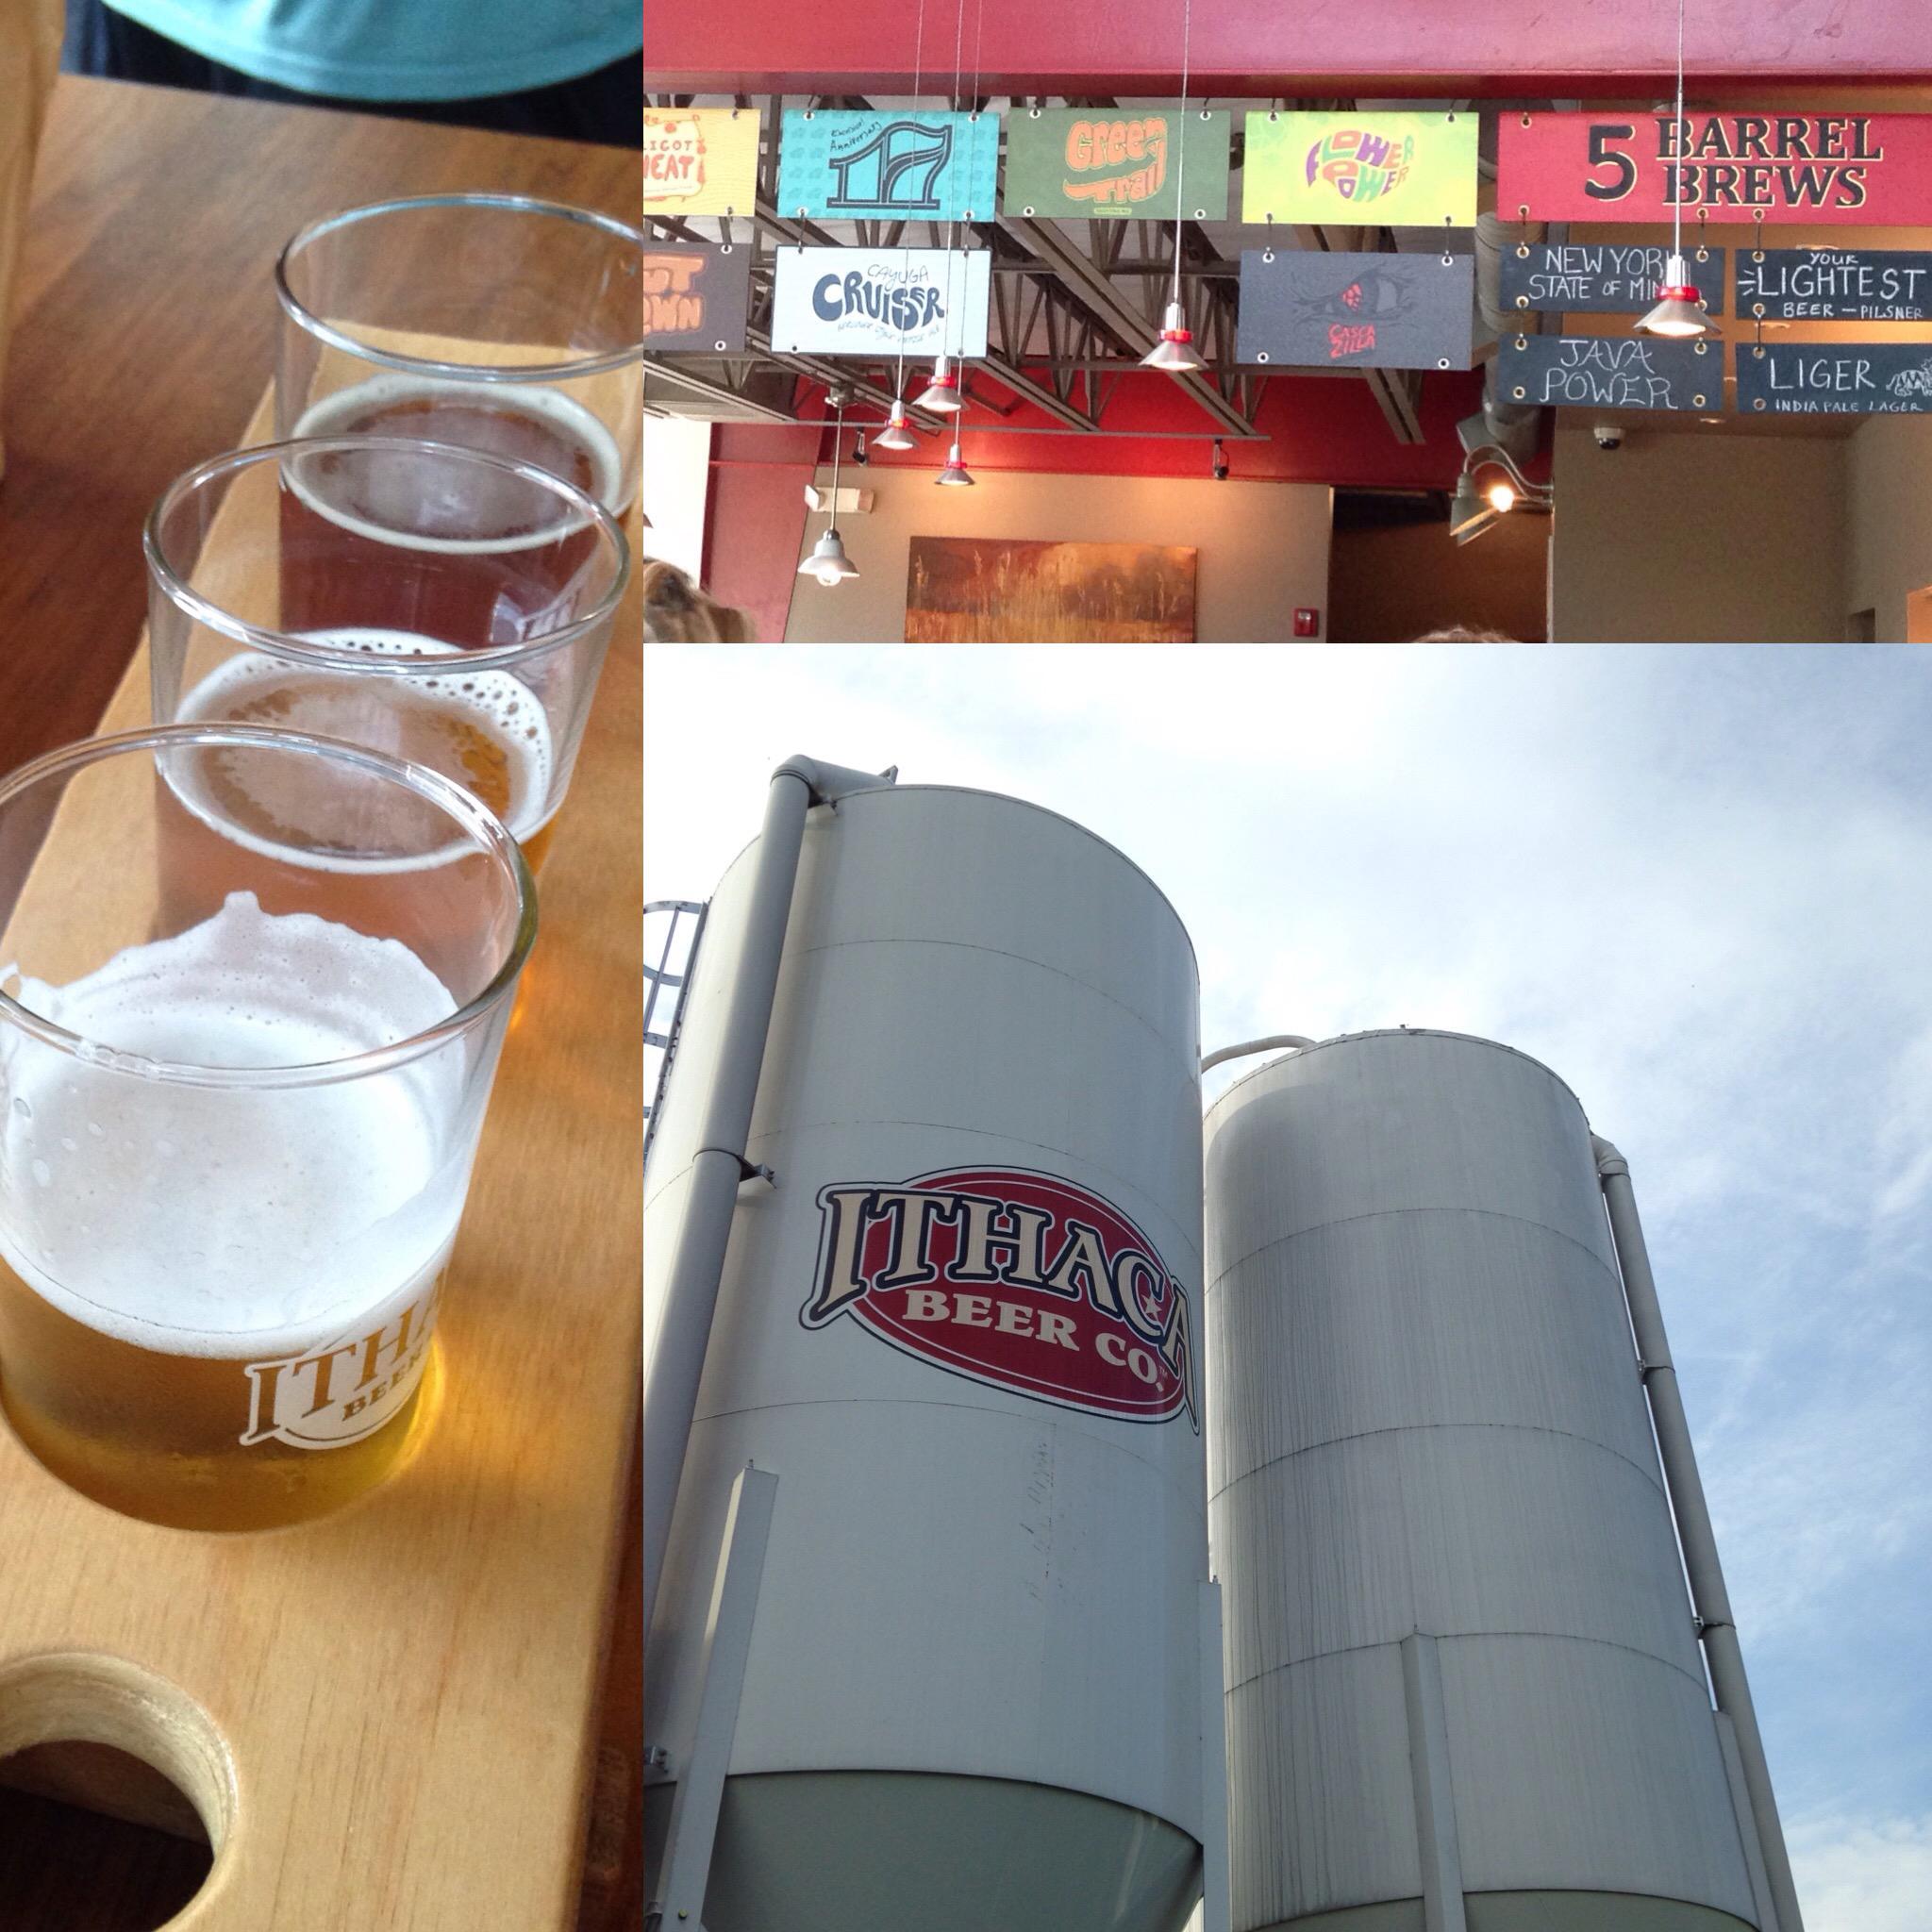 Ithaca Travel Post - Ithaca Beer Co. flight of beer